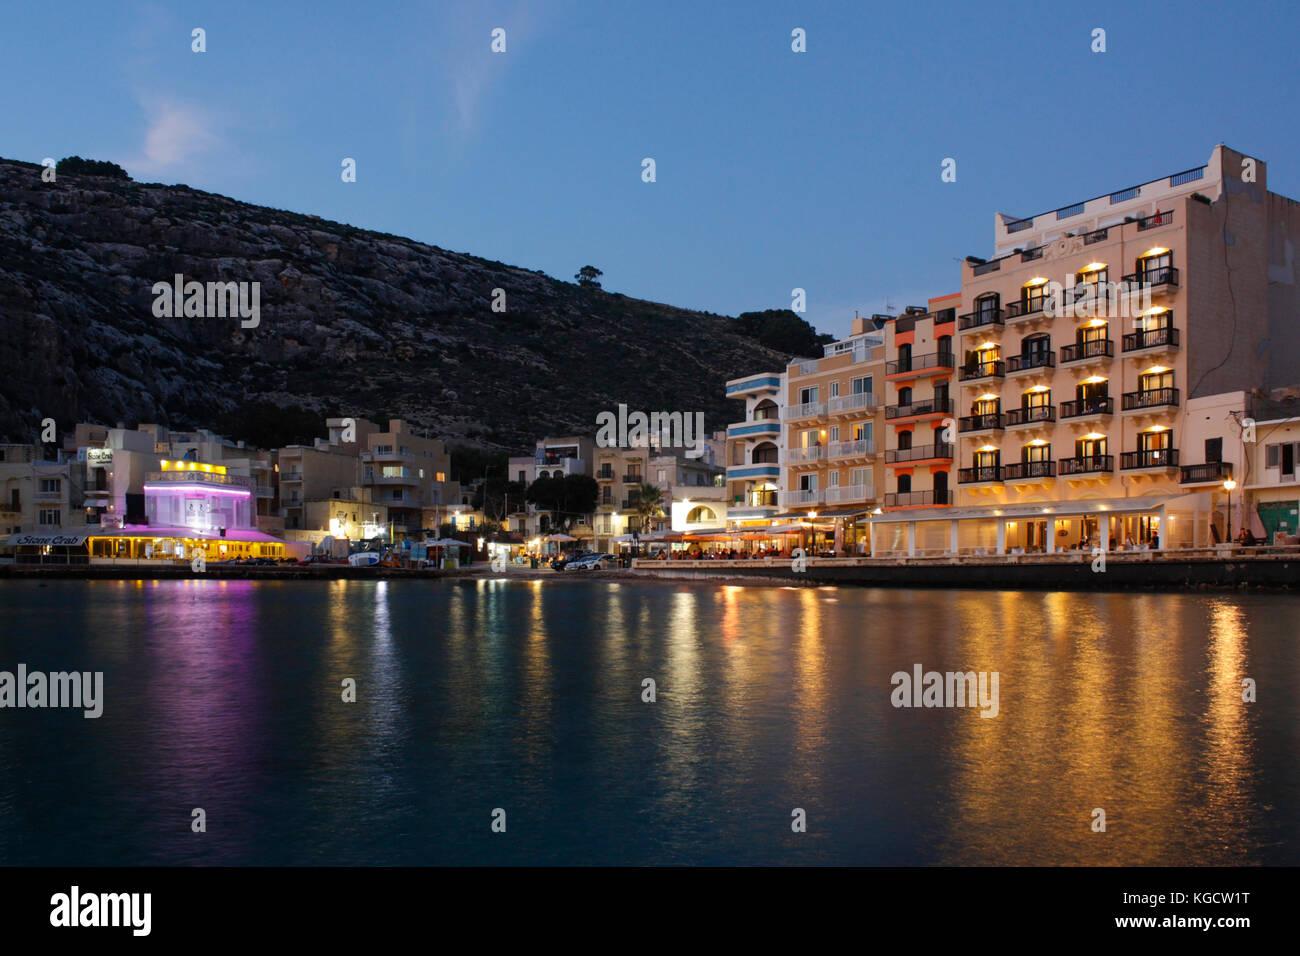 Il villaggio sul mare di Xlendi (pronunciato Shlendy) a Gozo, Malta, al tramonto, con lungomare alberghi e ristoranti Immagini Stock